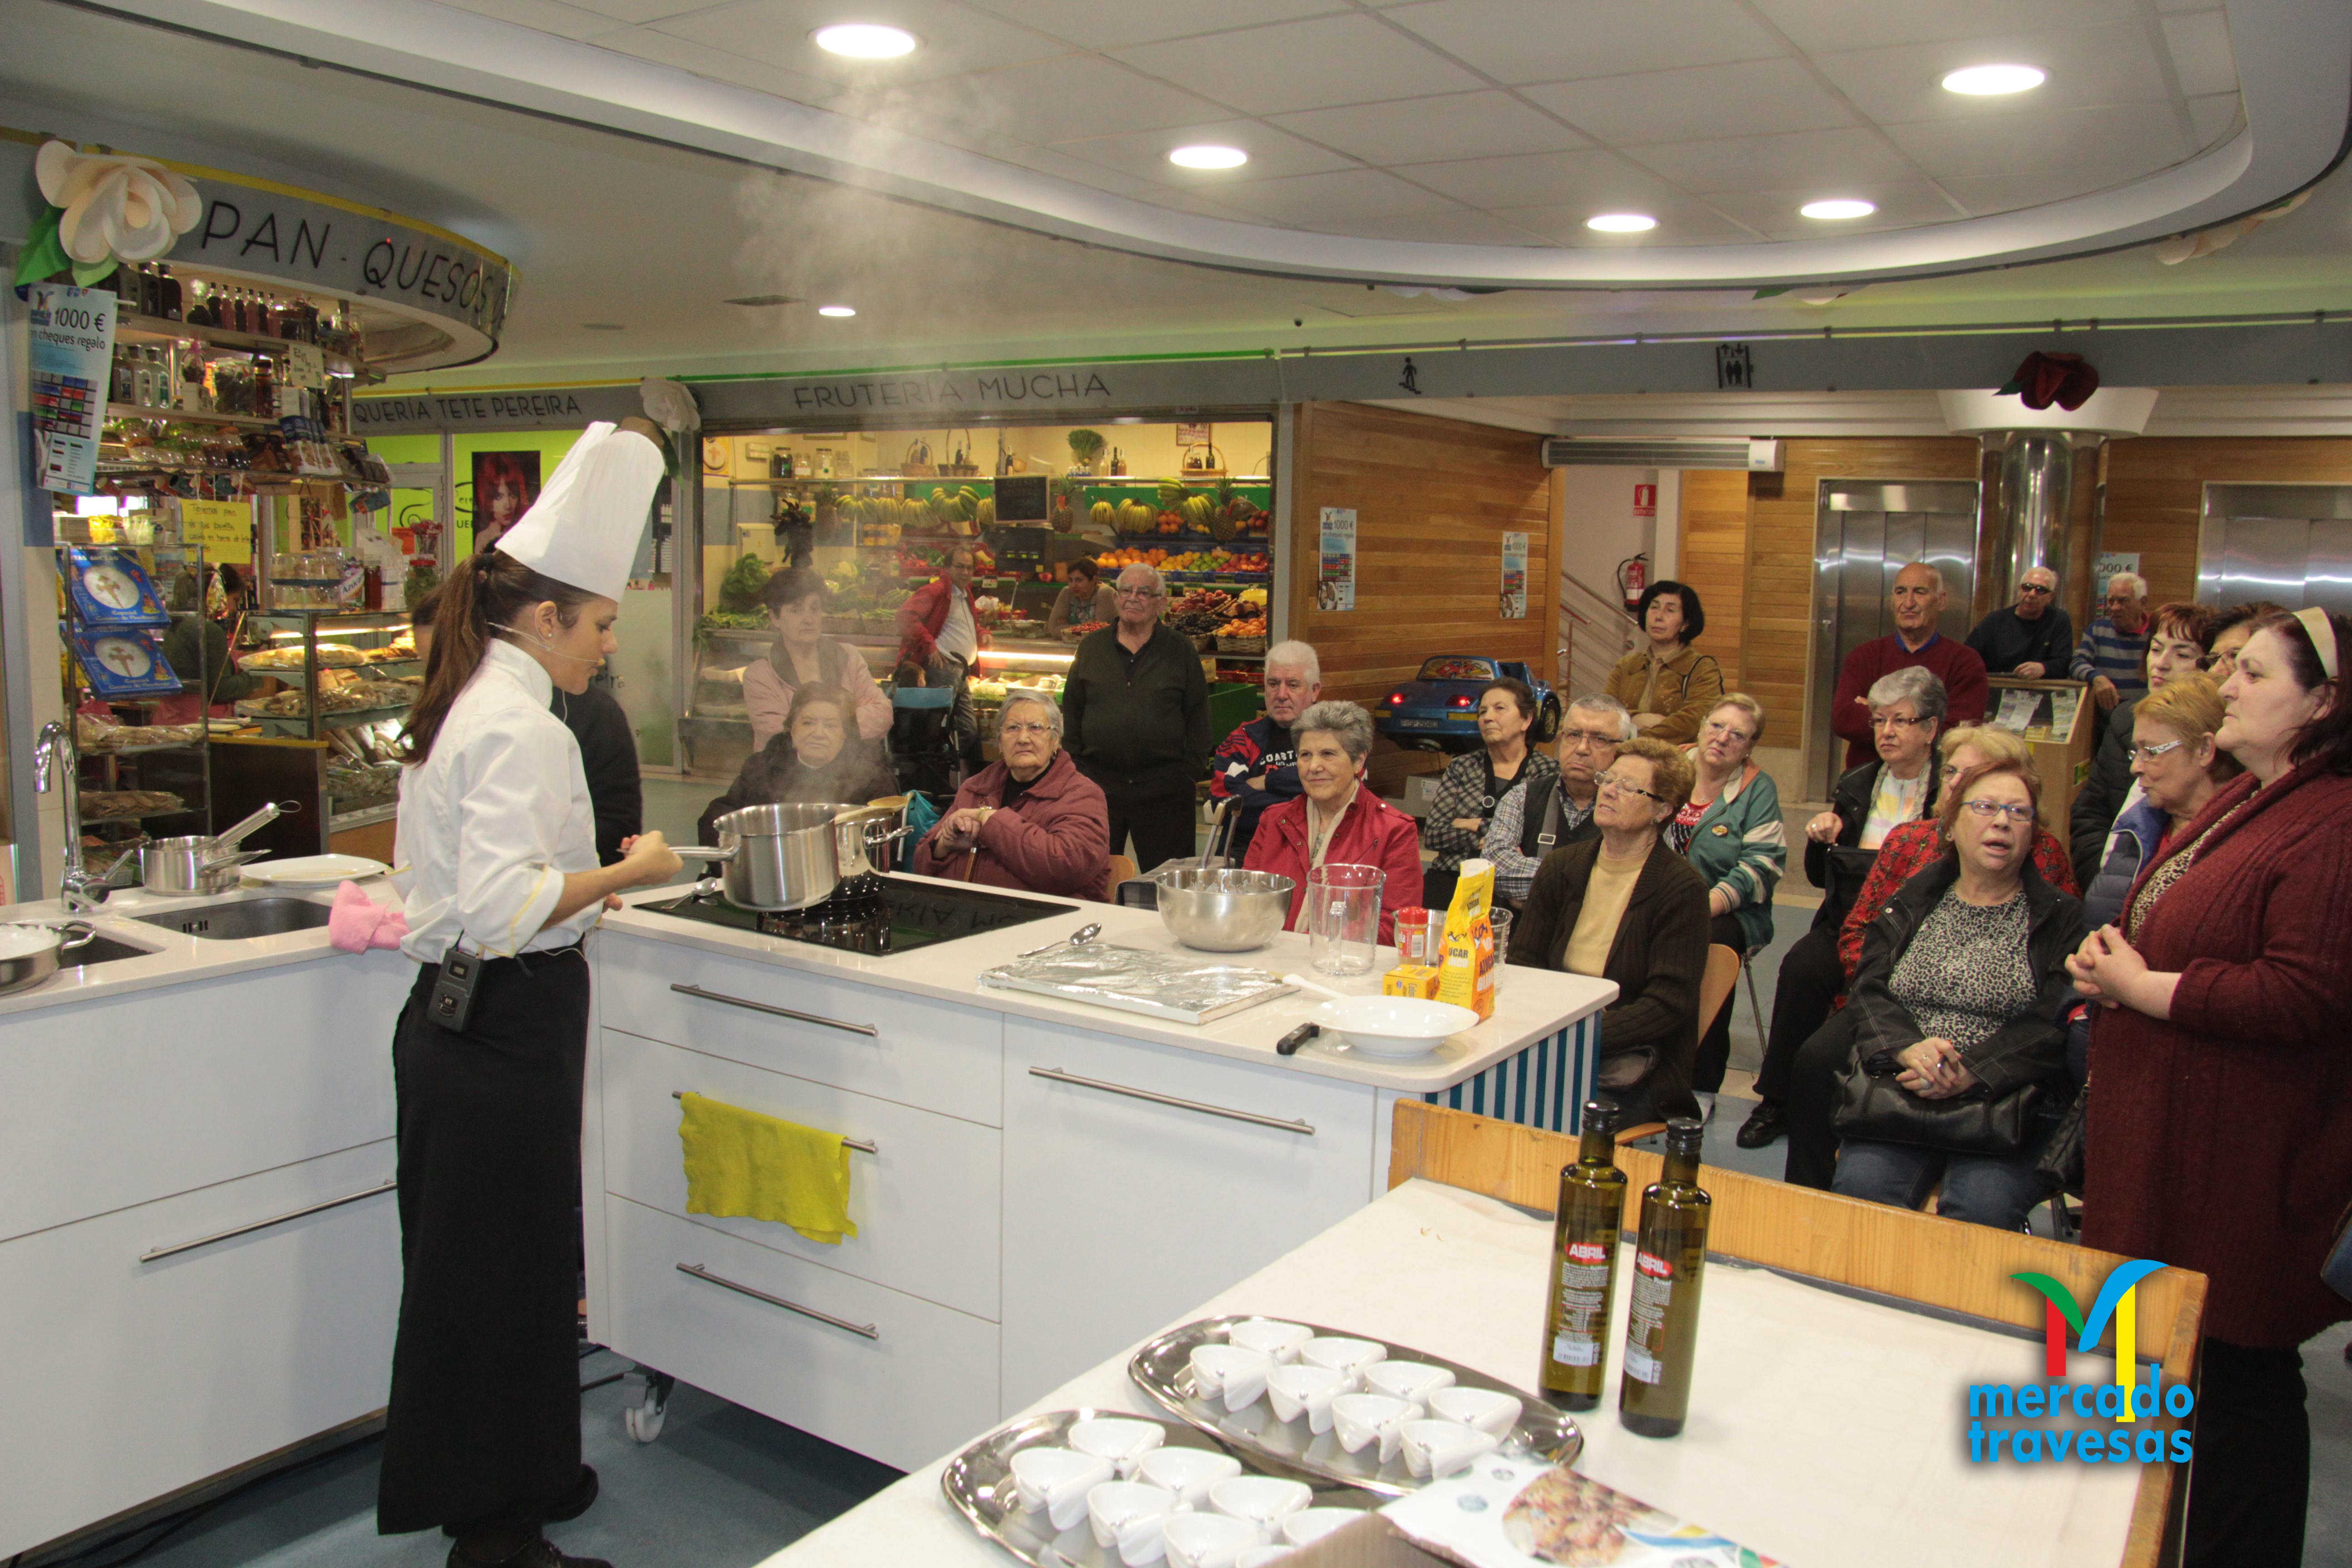 N speros archives mercado travesas for Cocinar nisperos